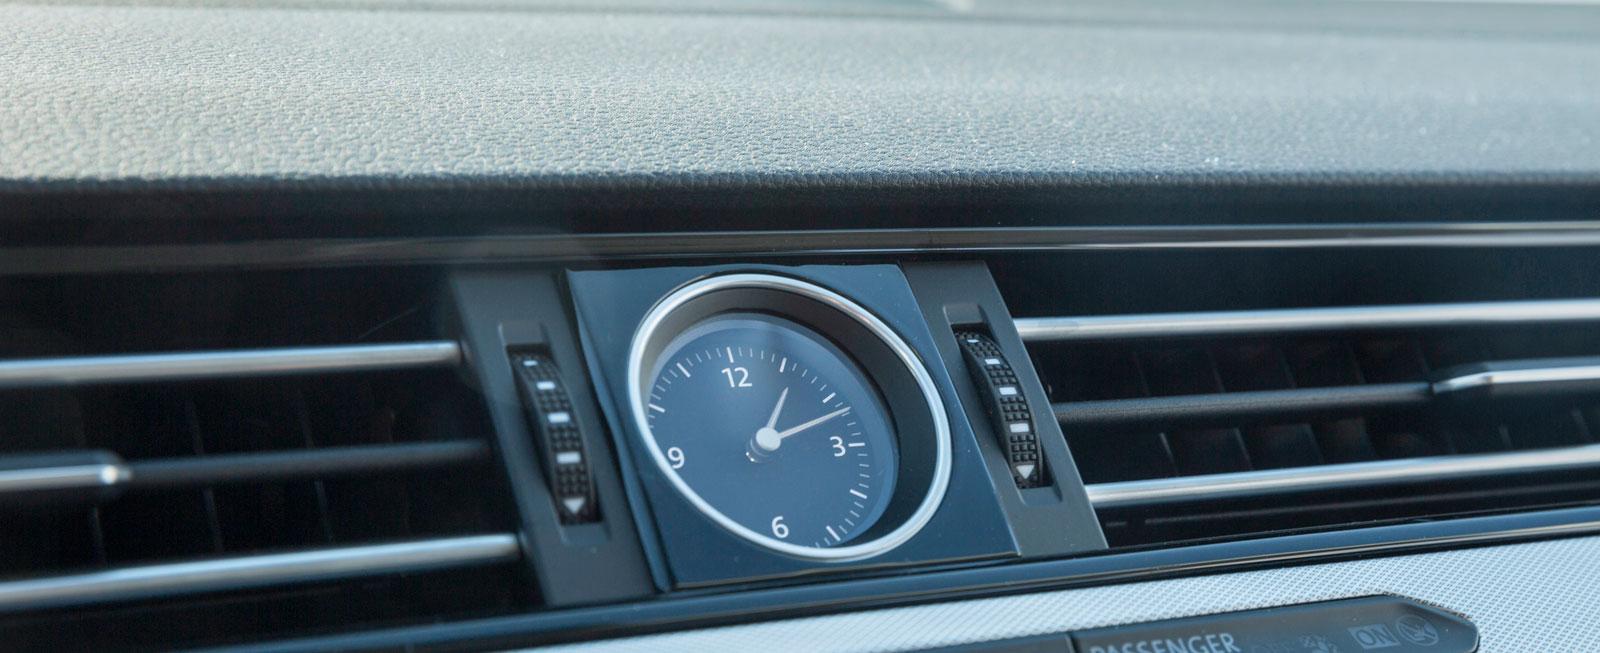 En rund analog klocka sätter lite extra piff på Passats annars ganska strama och strikta instrumentpanel.